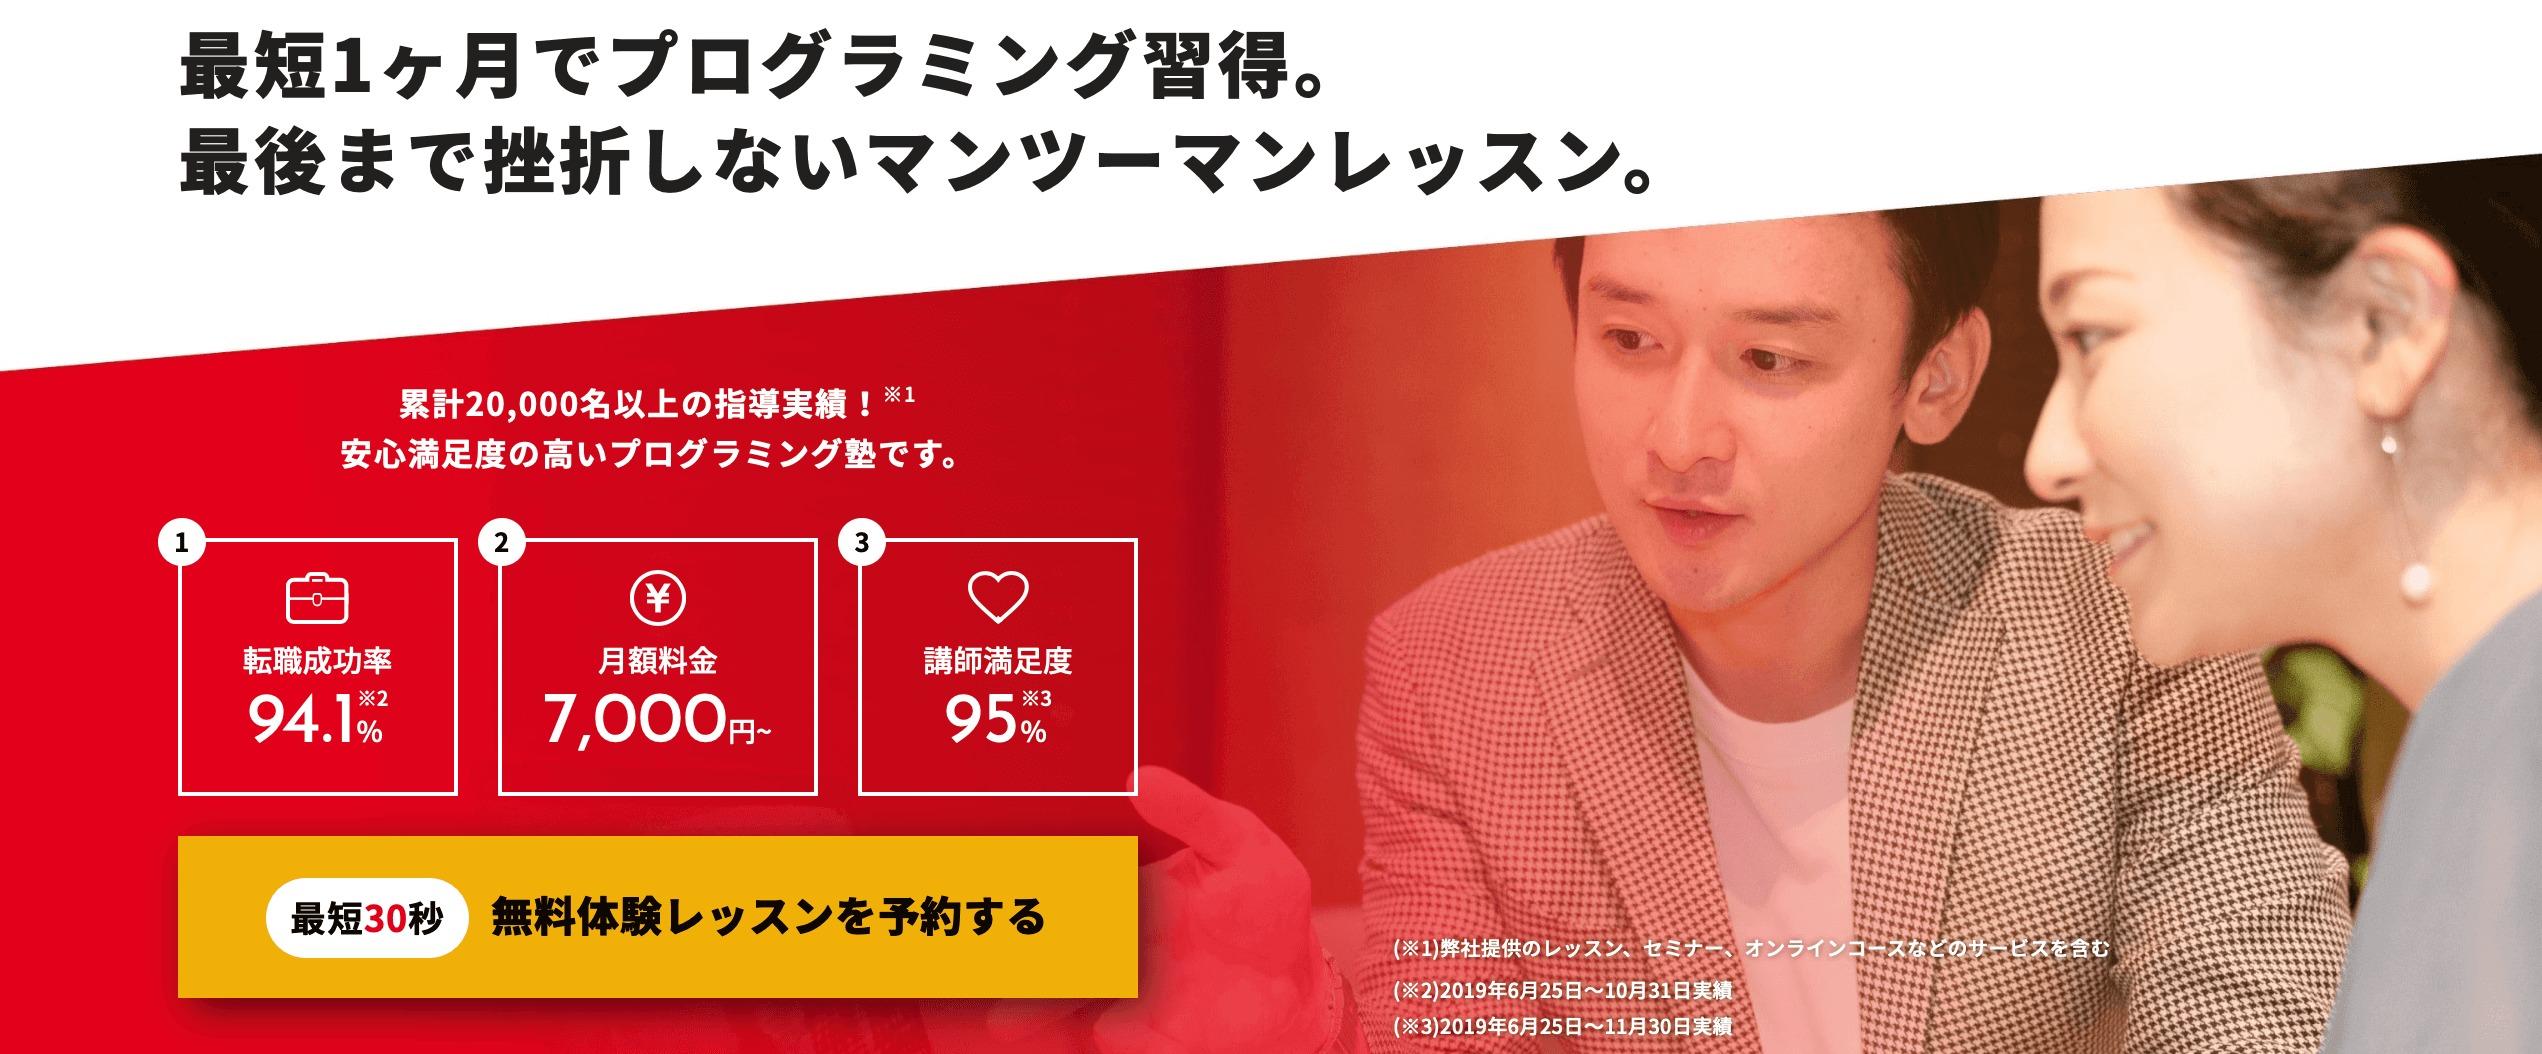 福岡でおすすめなプログラミングスクール4社【未経験向け】